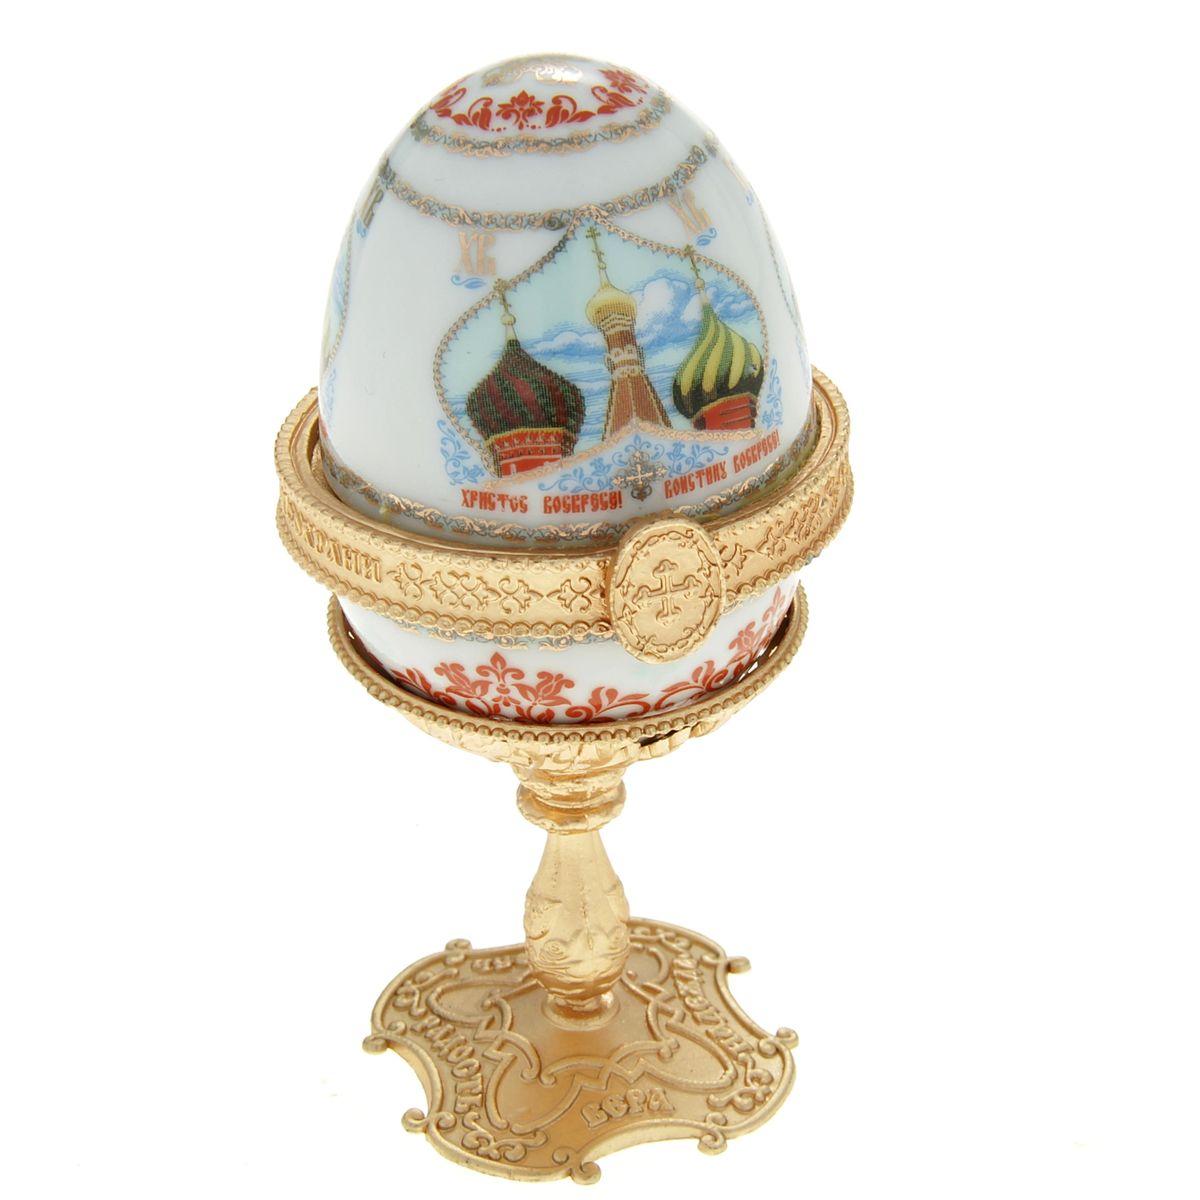 Яйцо-шкатулка Sima-land Купола, на подставке, высота 10 см сувенир пасхальный sima land яйцо горошек 4 х 4 х 6 см 6 шт